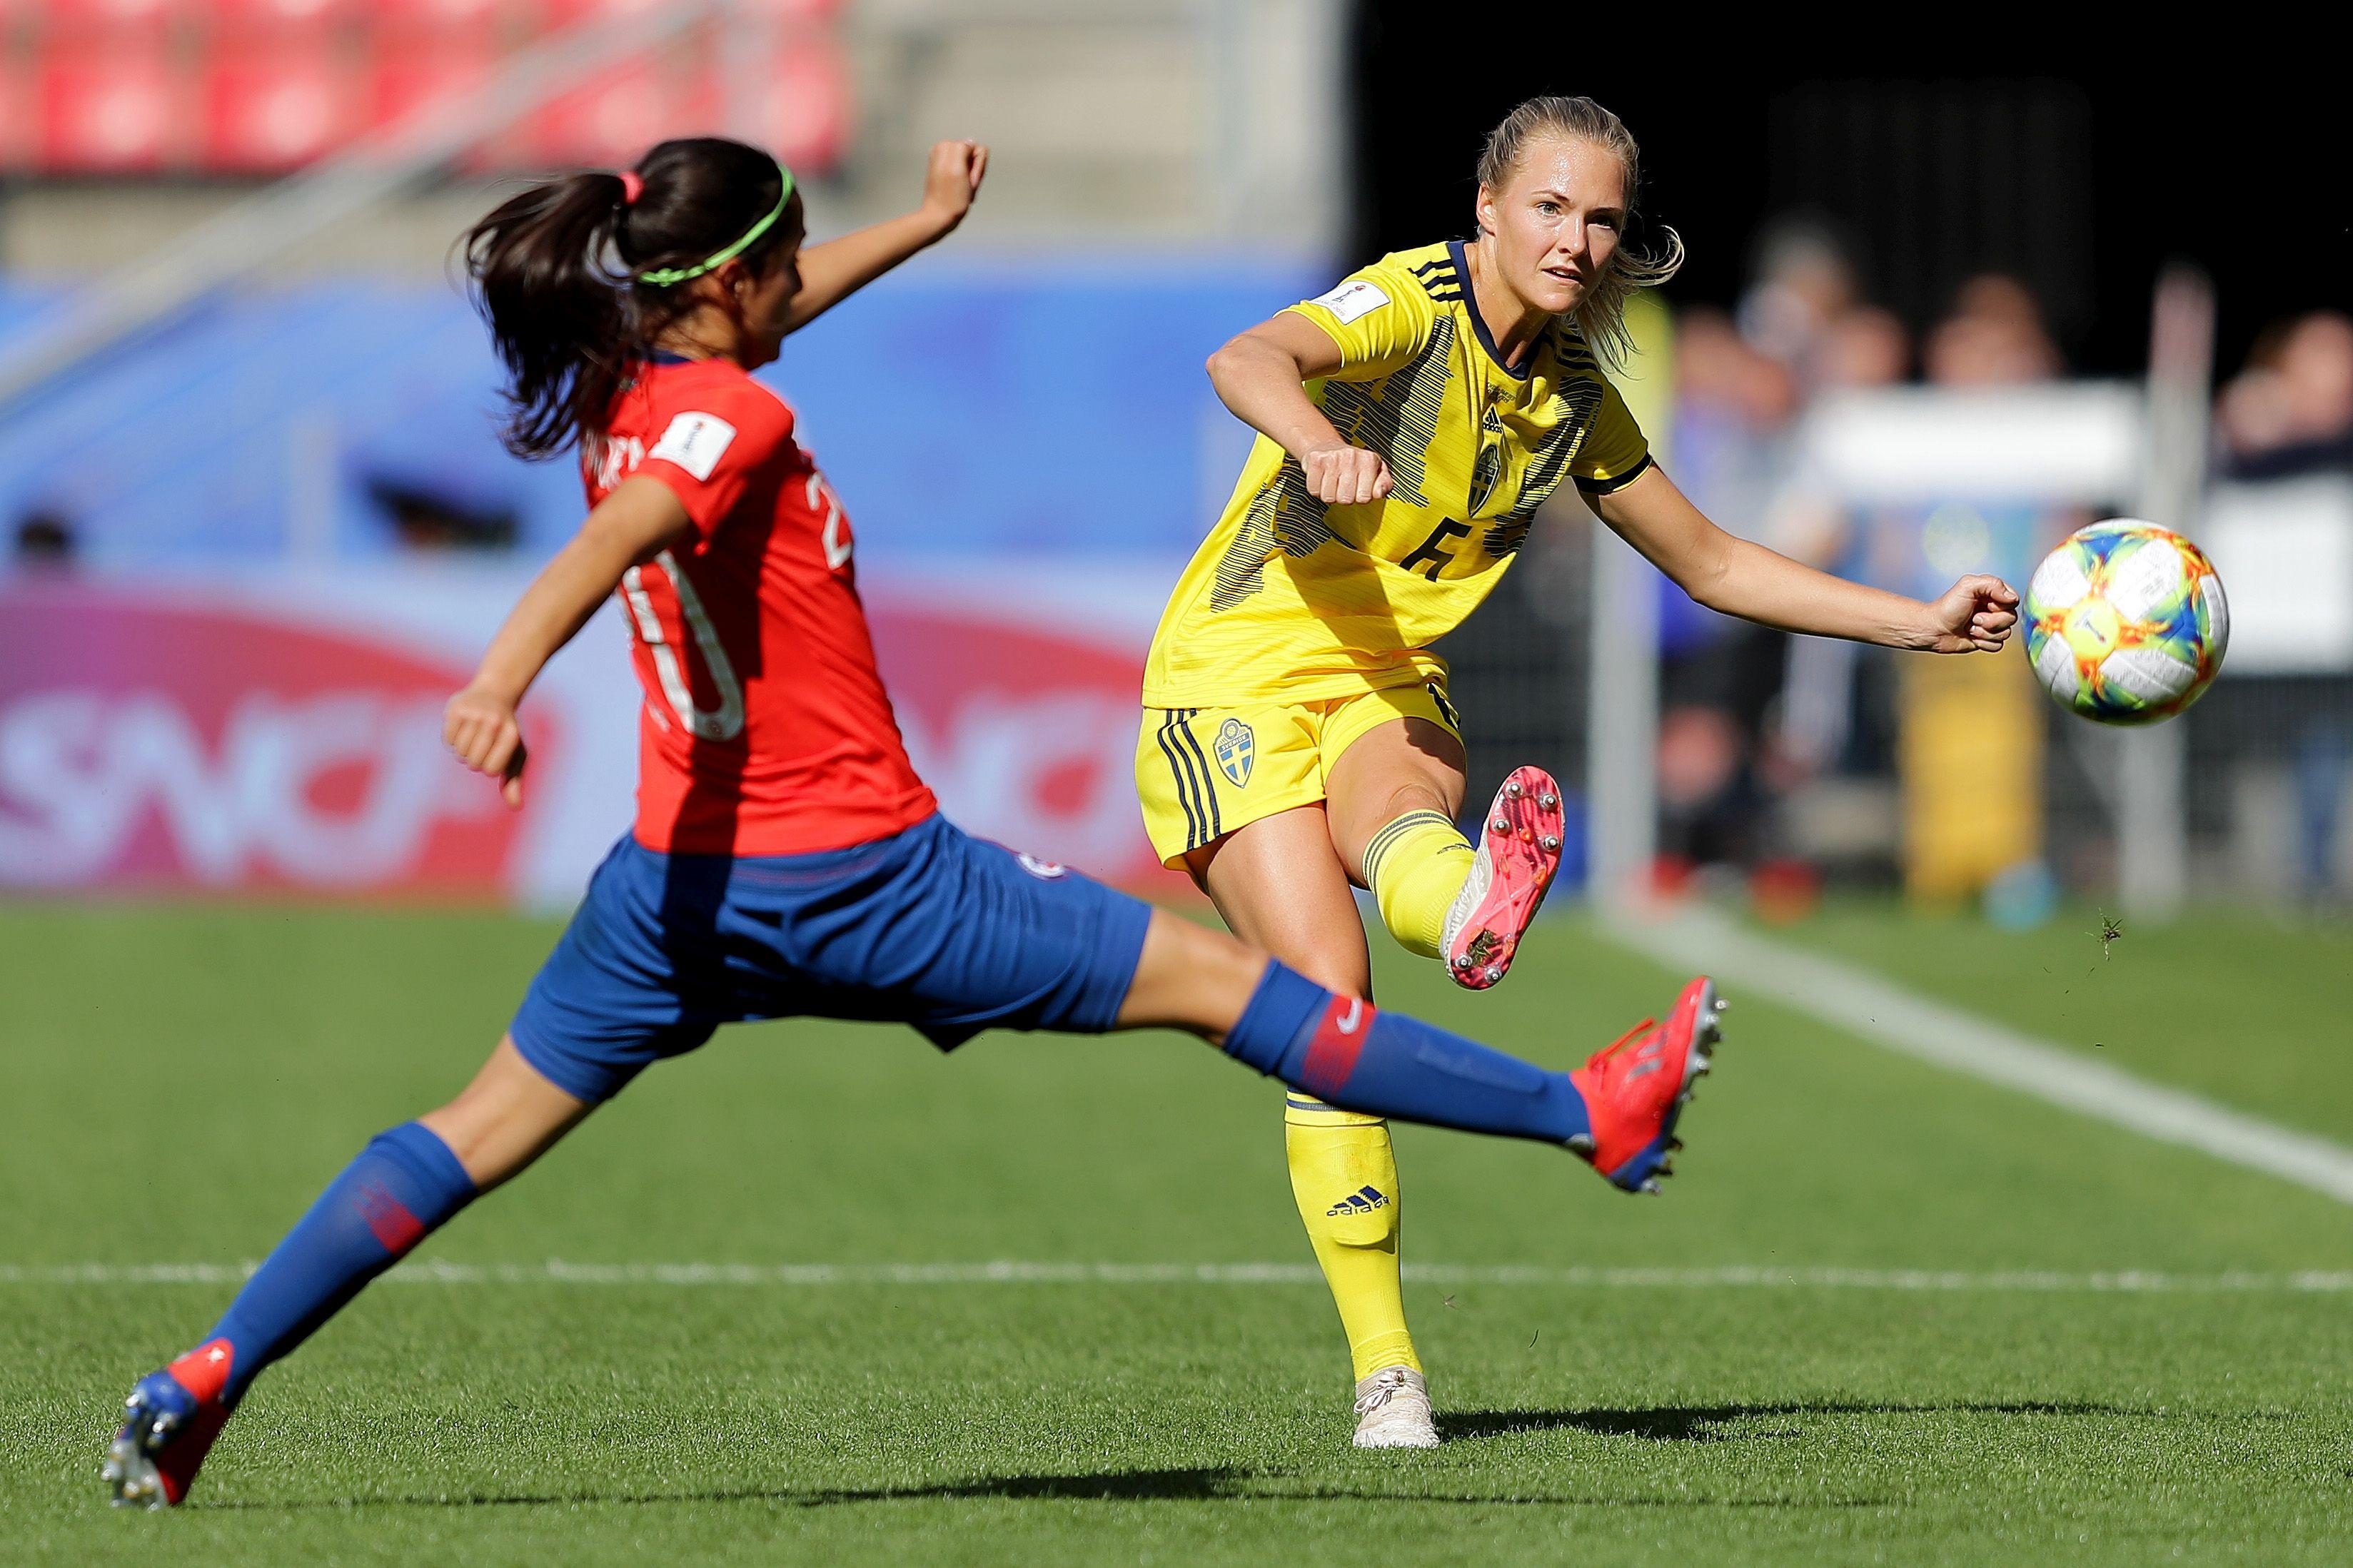 Chili-Suède 0-2, la Suède s'impose logiquement